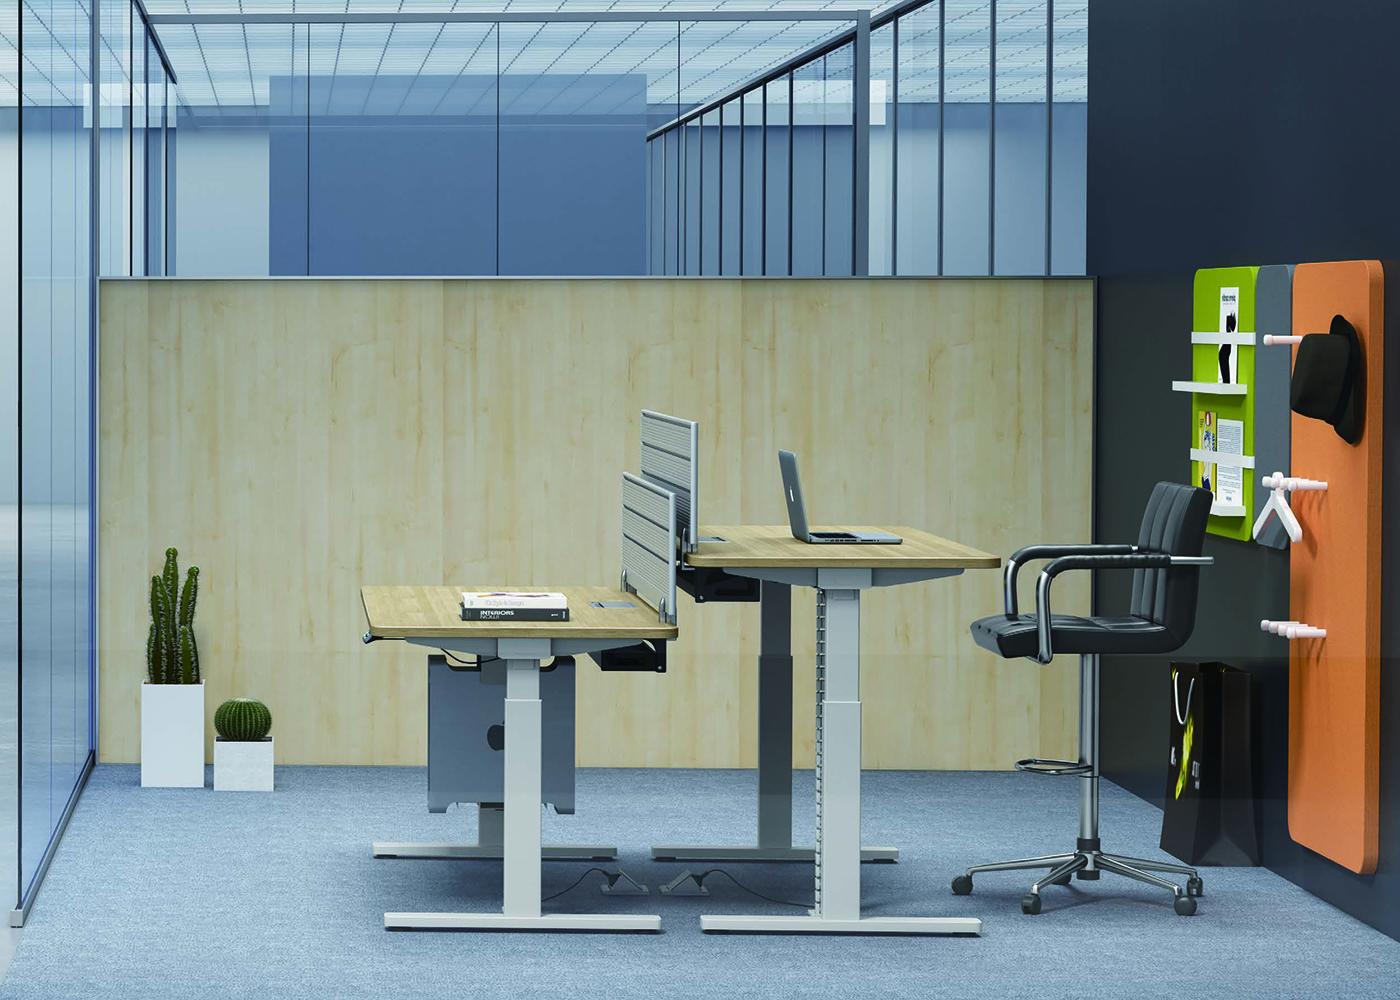 米克智能升降桌A08,上海智能升降桌,【尺寸 价格 图片 品牌】